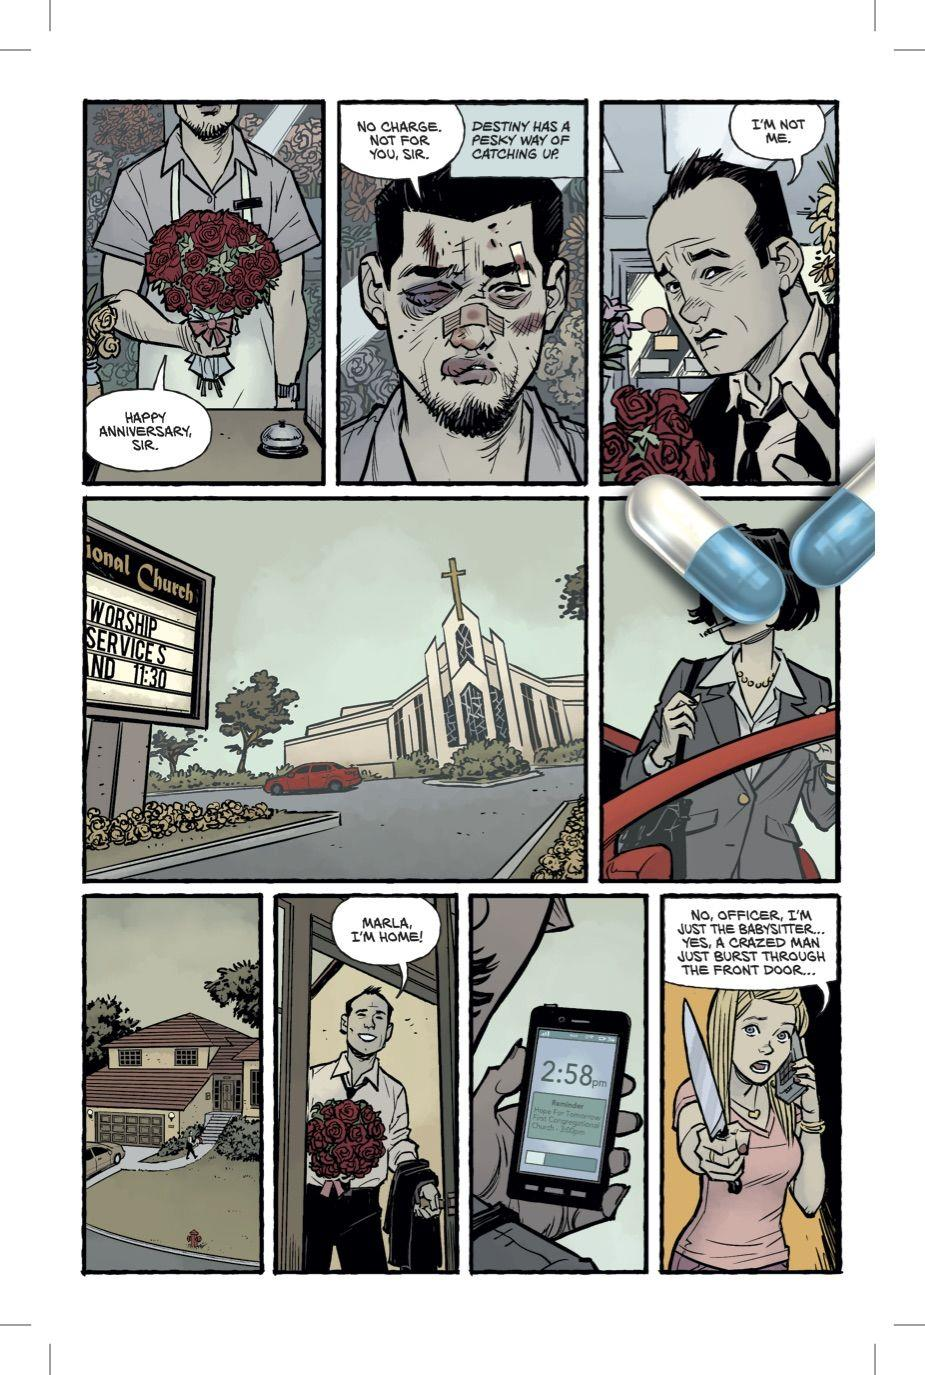 la seconda pagina del fumetto Fight Club 2